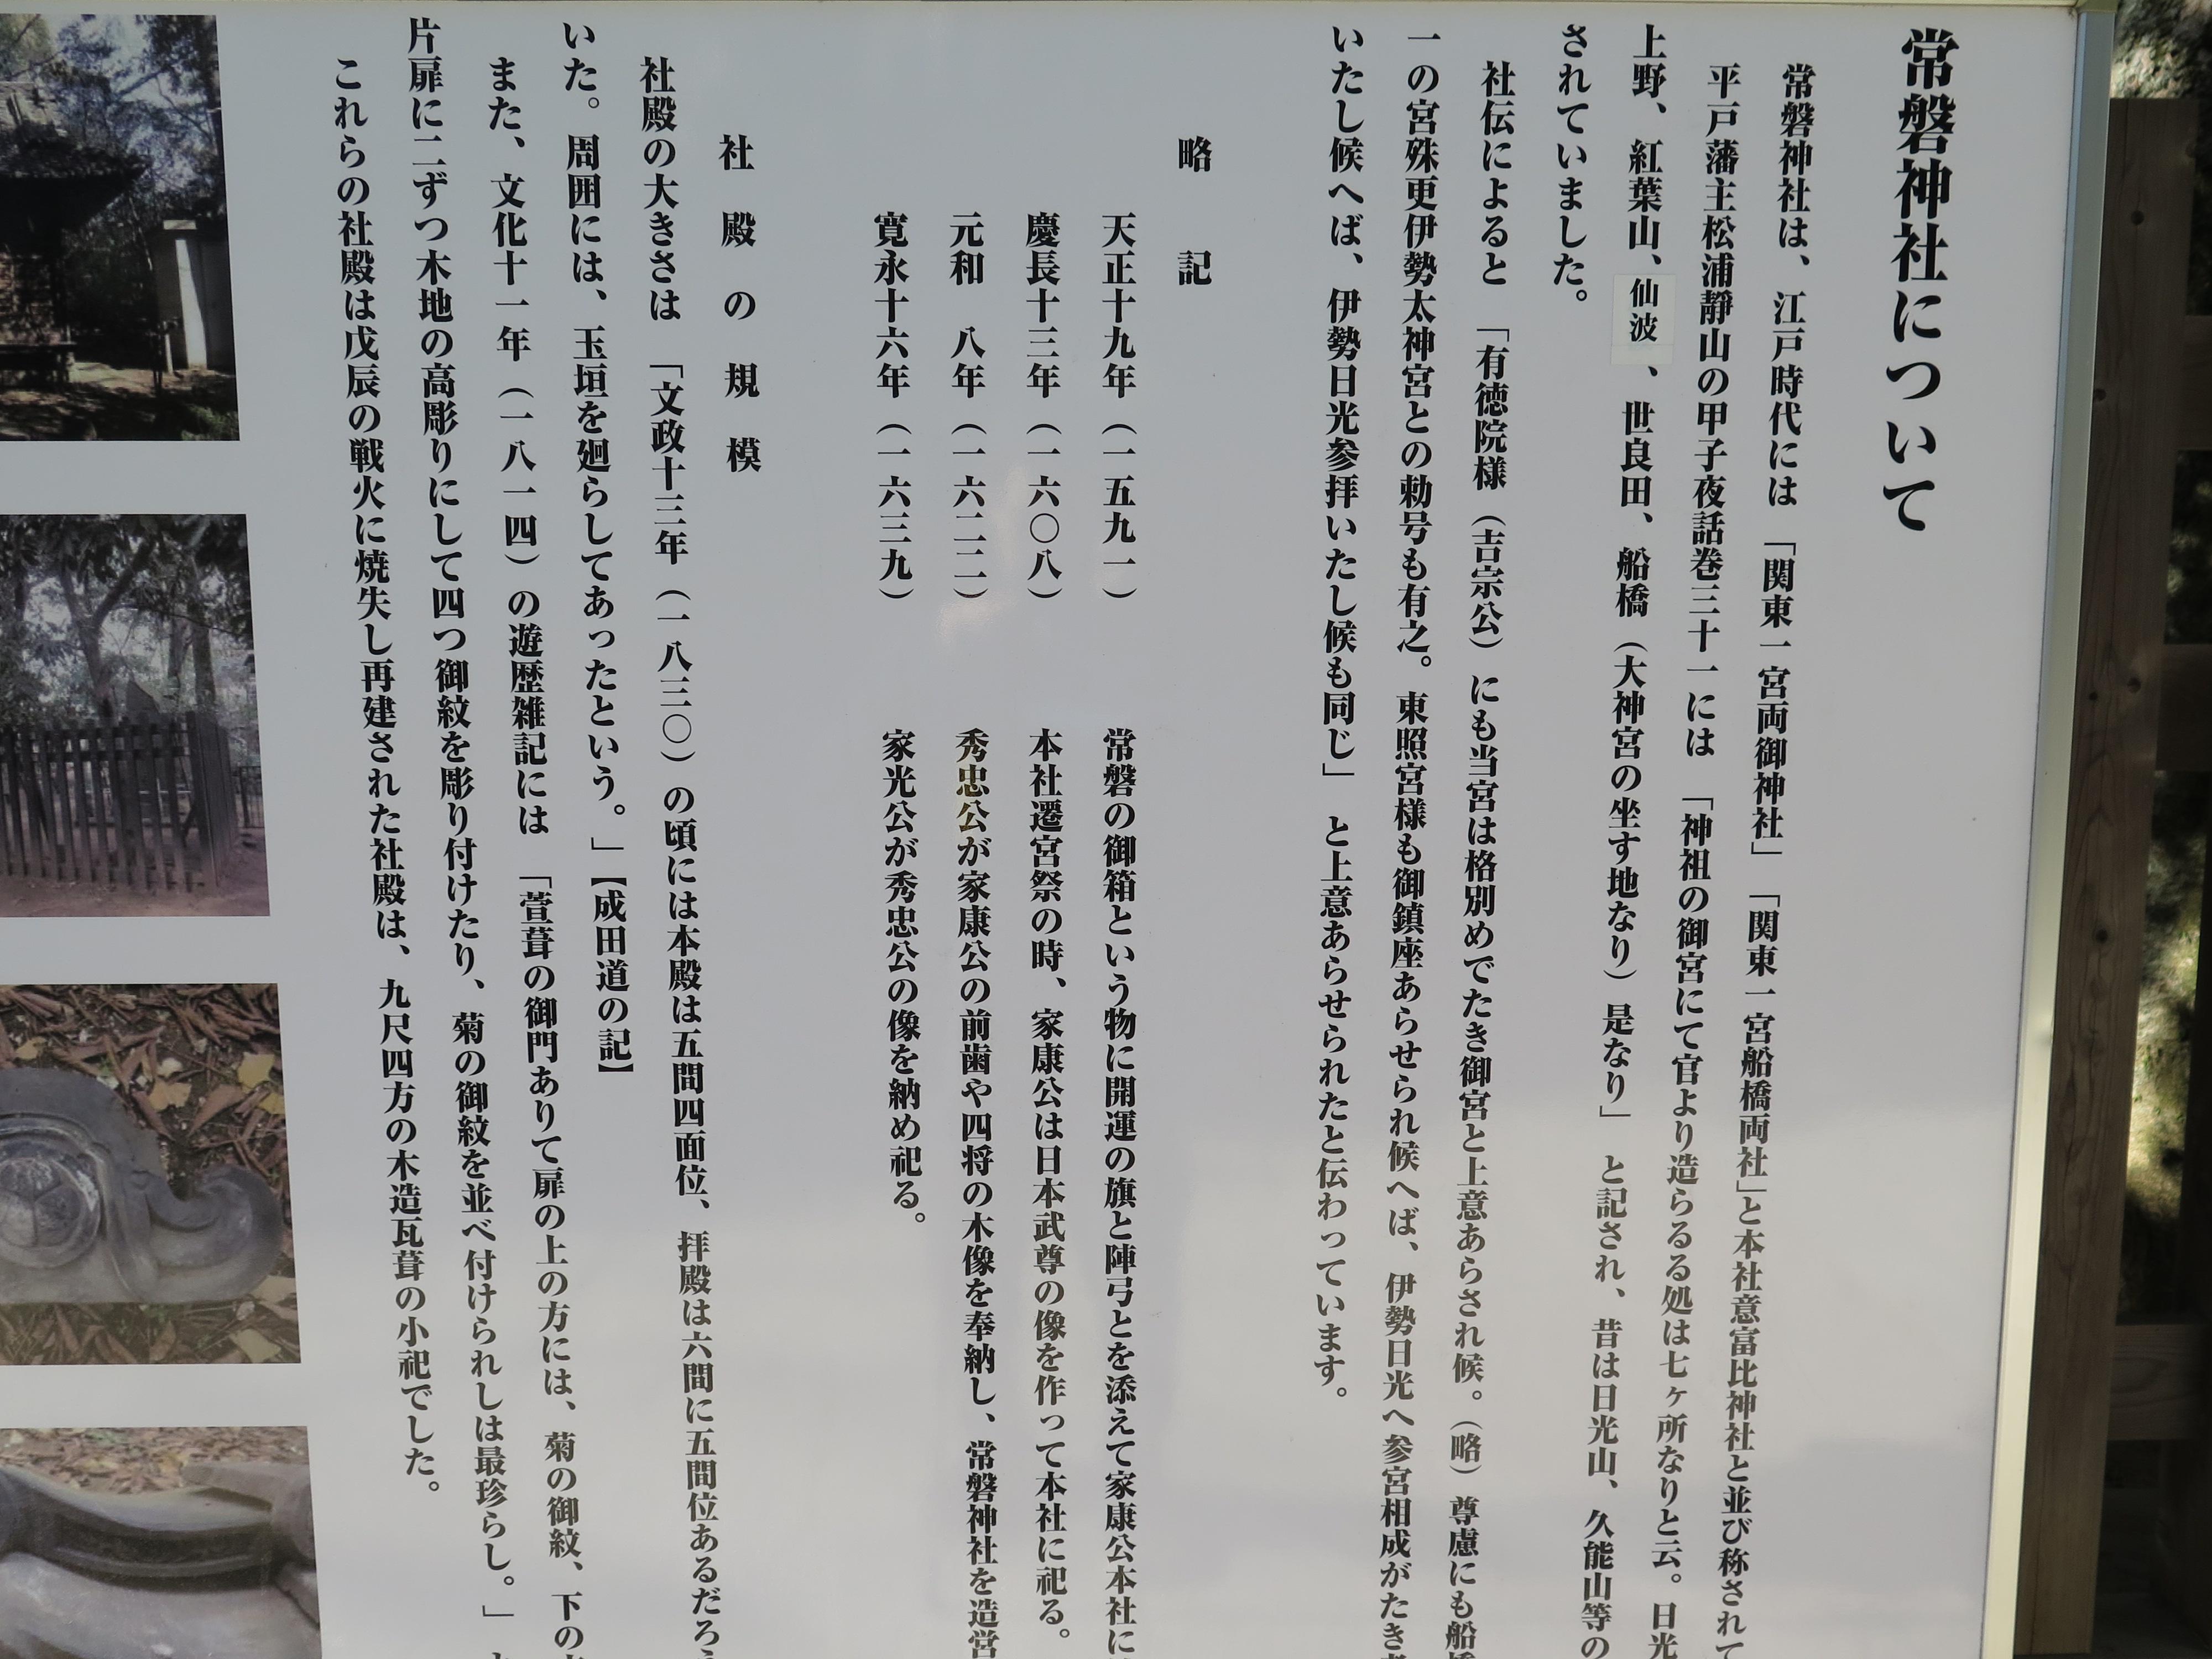 常磐神社の歴史